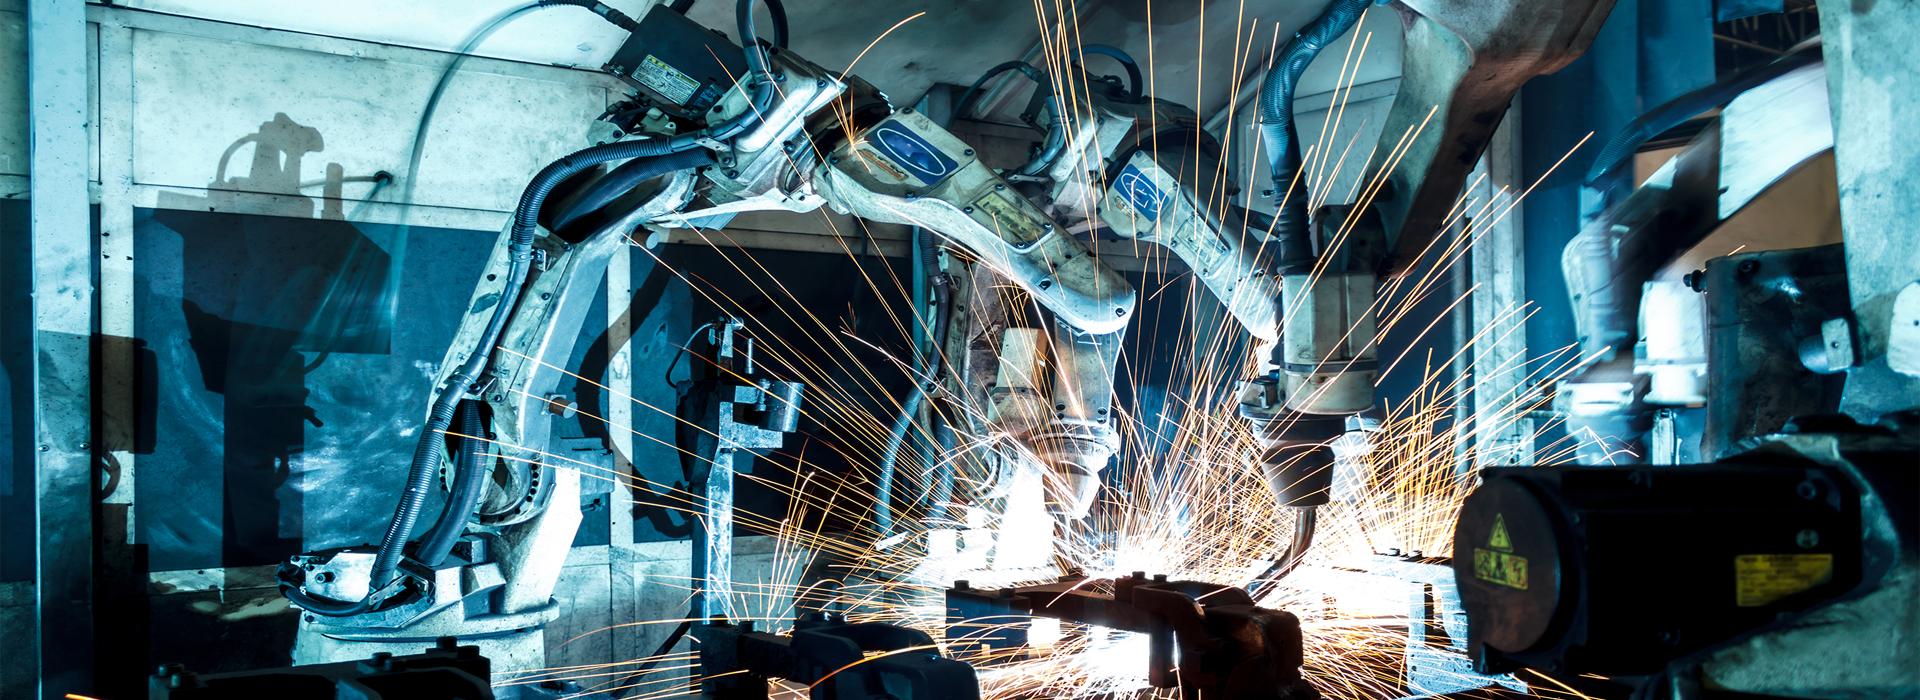 Manufacturing Week 2016